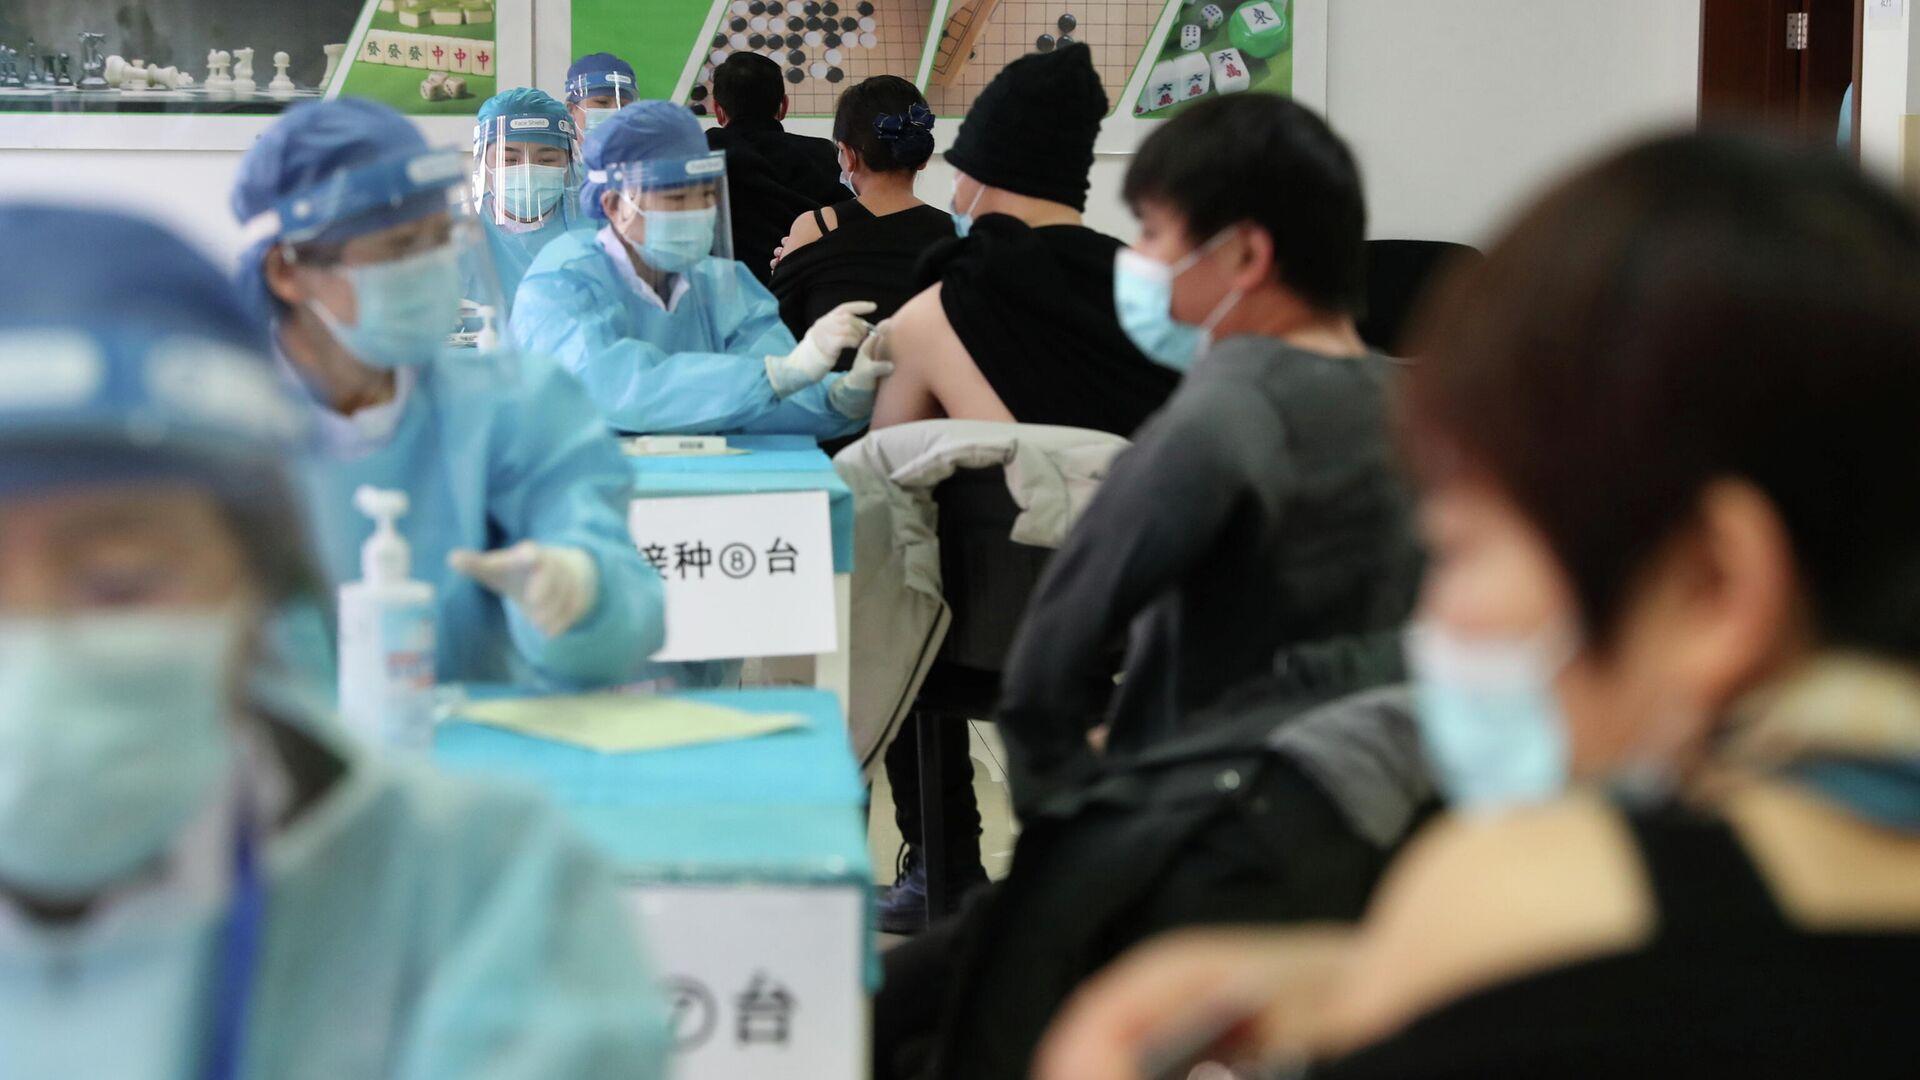 Вакцинация от COVID-19 в Пекине, Китай - РИА Новости, 1920, 03.02.2021